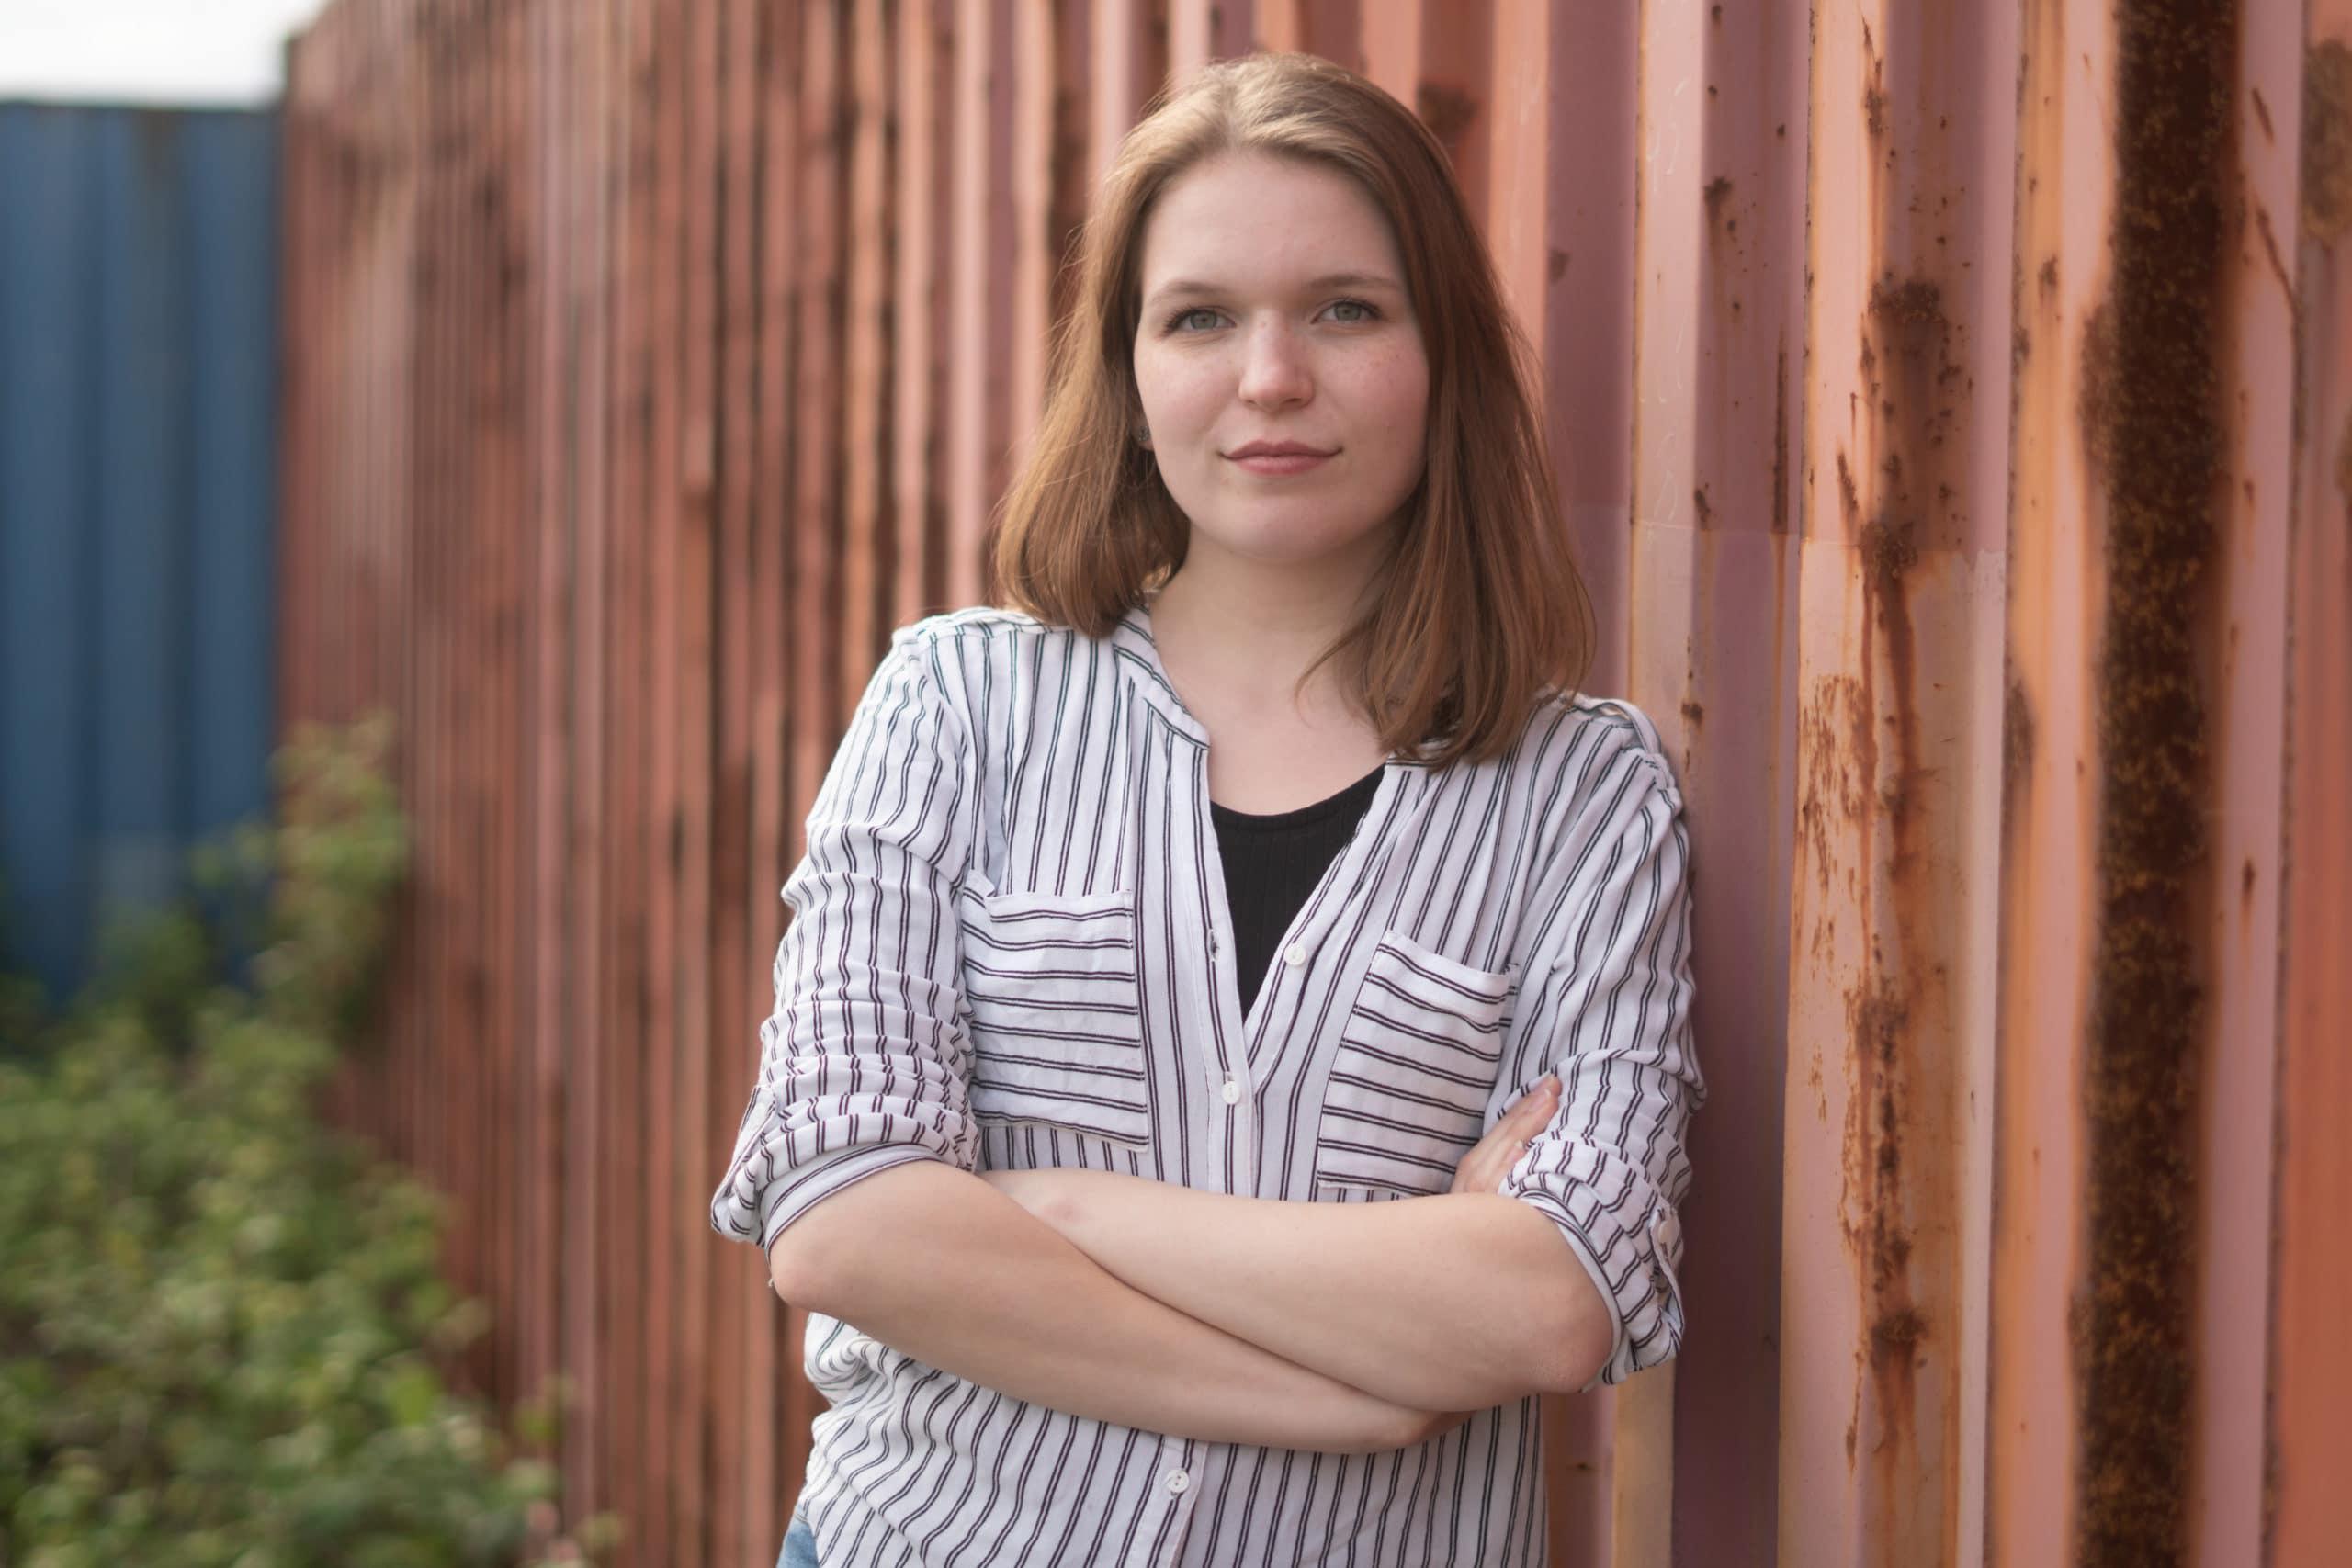 Sarah Wieck